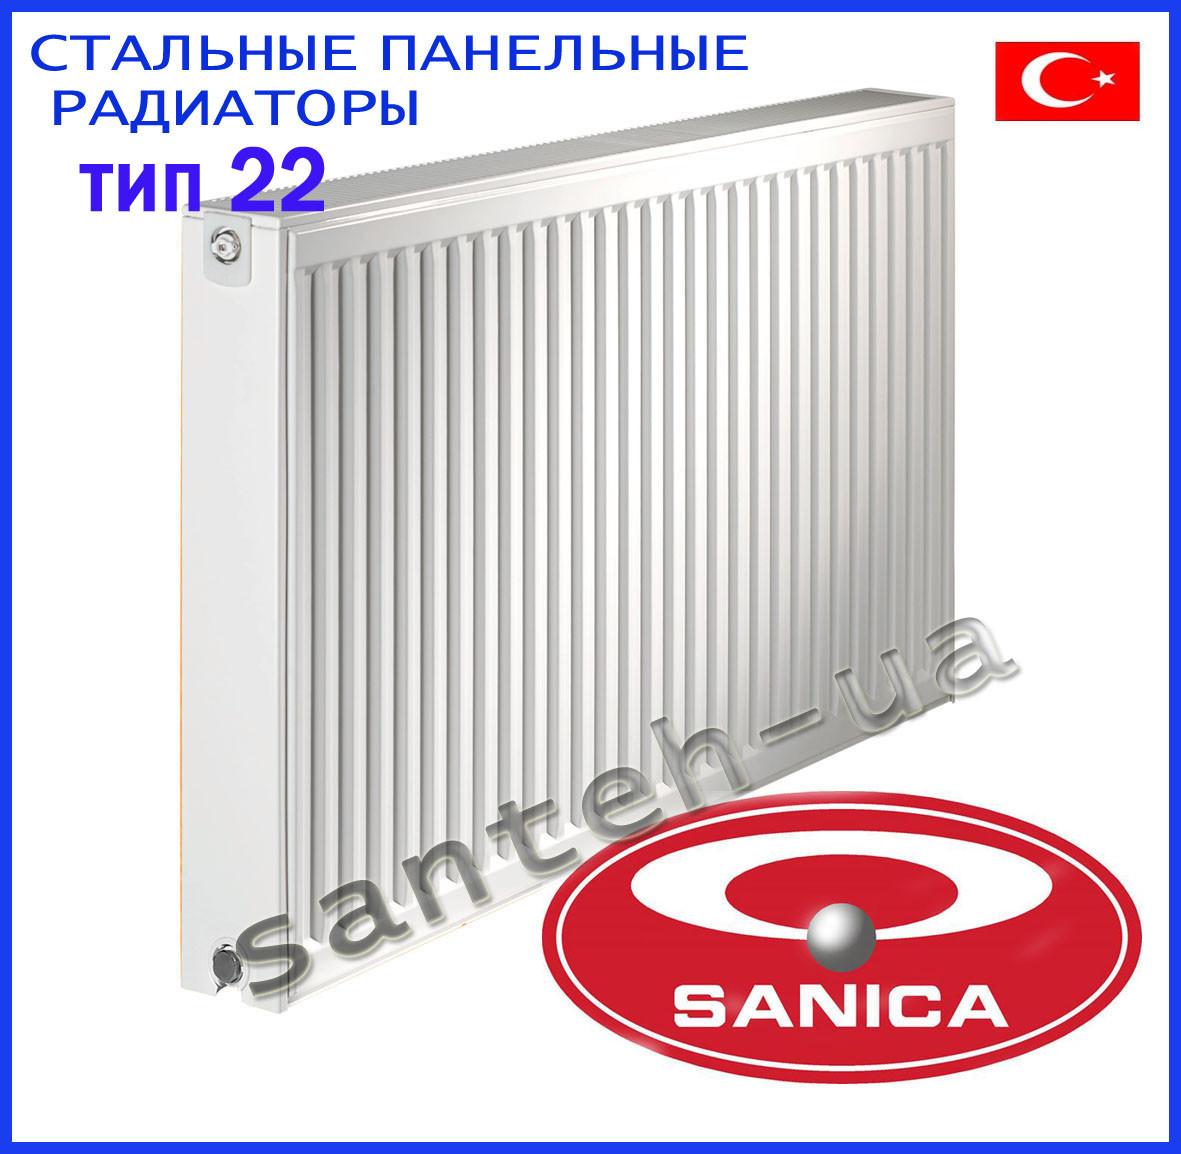 Сталеві панельні радіатори Sanica тип 22 300х700